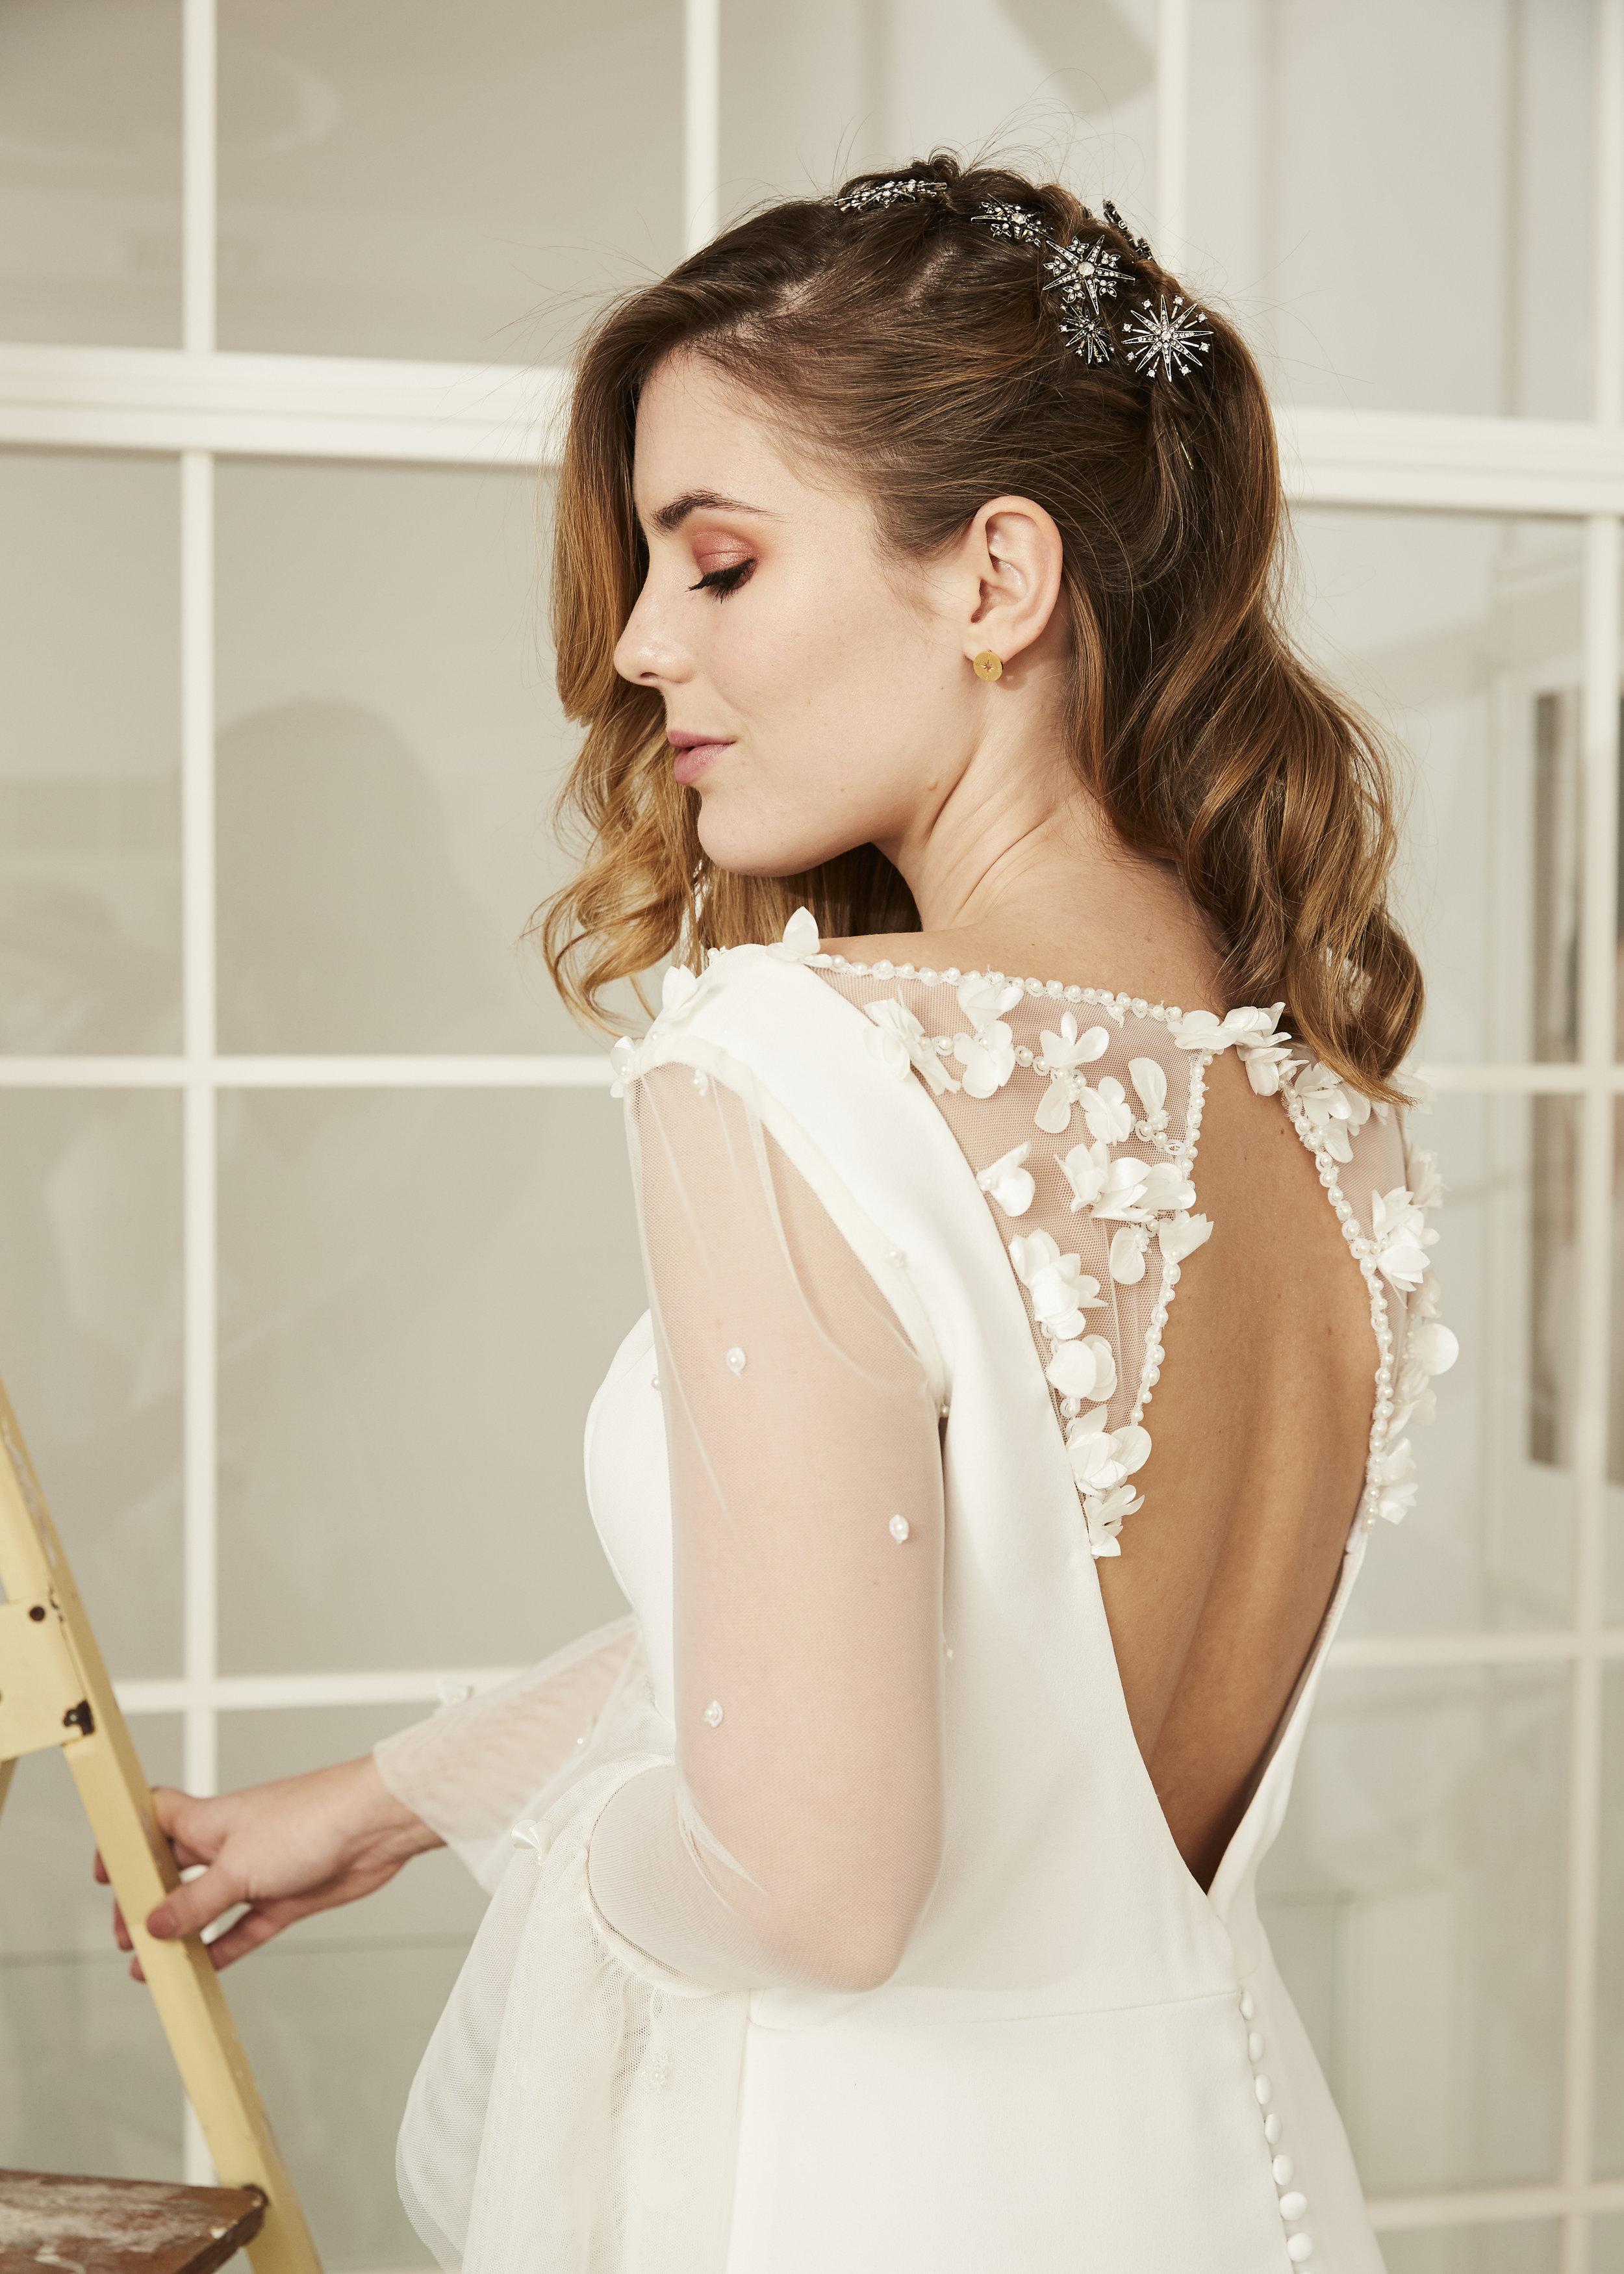 Michelle  con vestido de novia · E v a r n e·  @lauralomasdesign   Estrellas:  @jimenarilova   Pendientes: @acus_complementos   ♥️  Foto: @maritutunni  Maquillaje: @tespin.makeup